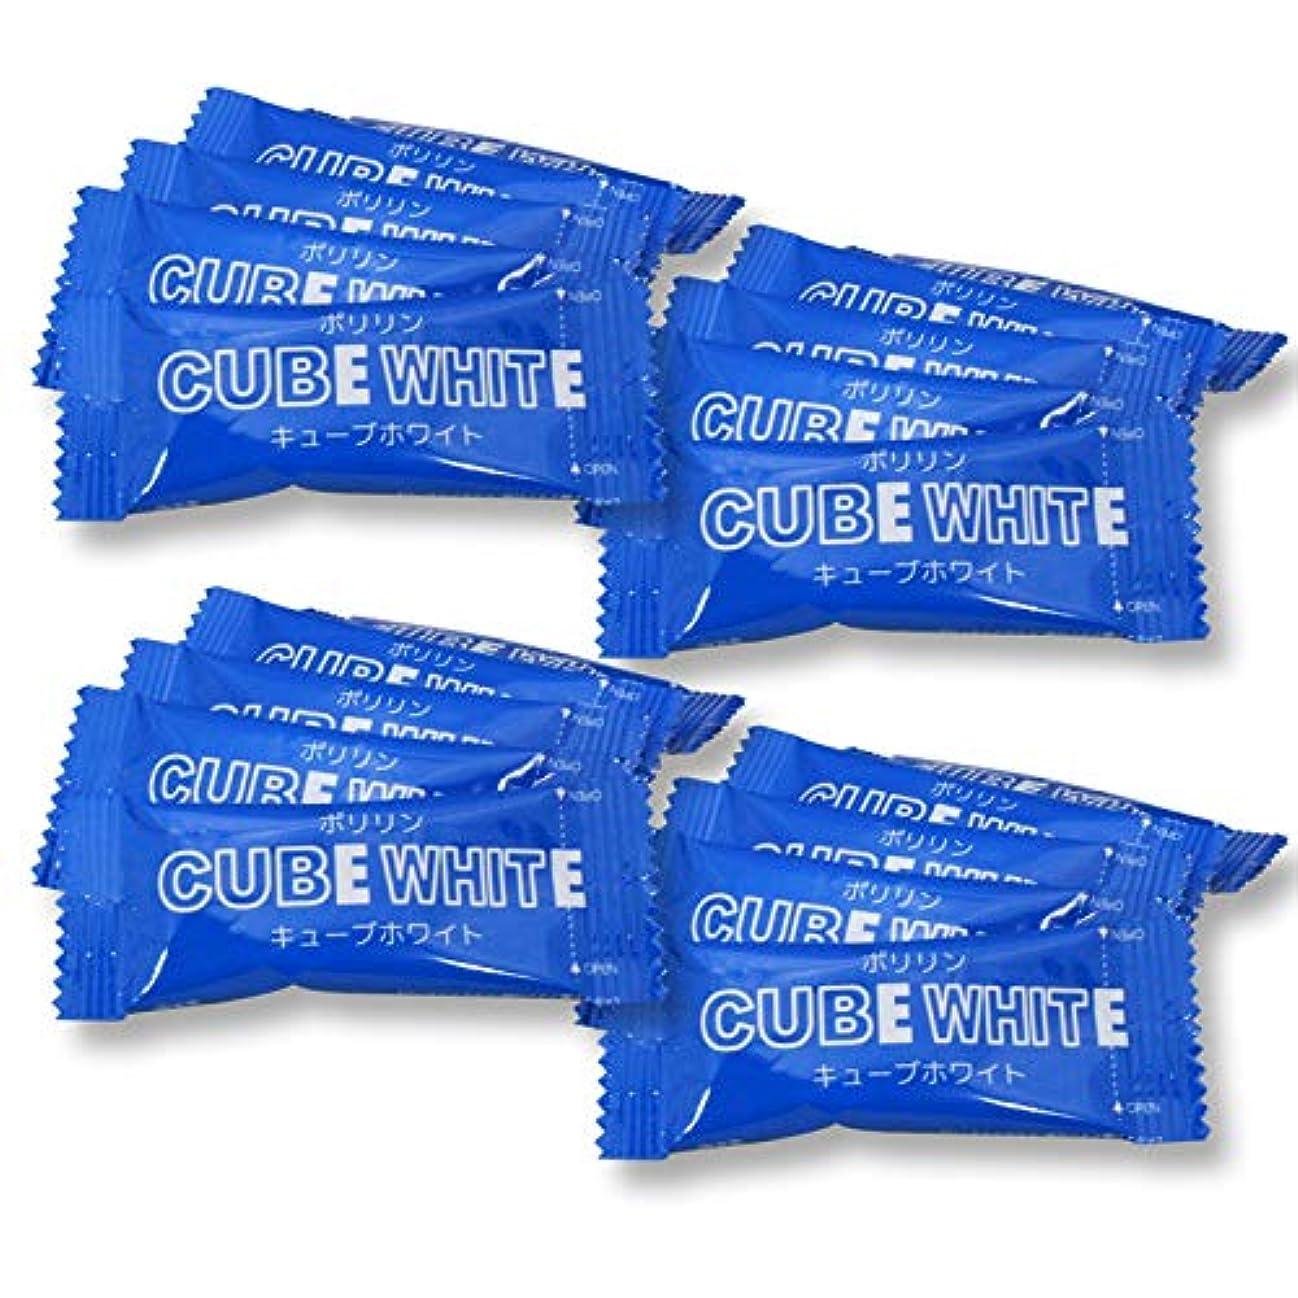 右ナサニエル区消費者リジェンティス キューブホワイト 【20袋入】 歯面専用 スポンジ 歯 ブラシ 付き ホワイトニング 歯磨き